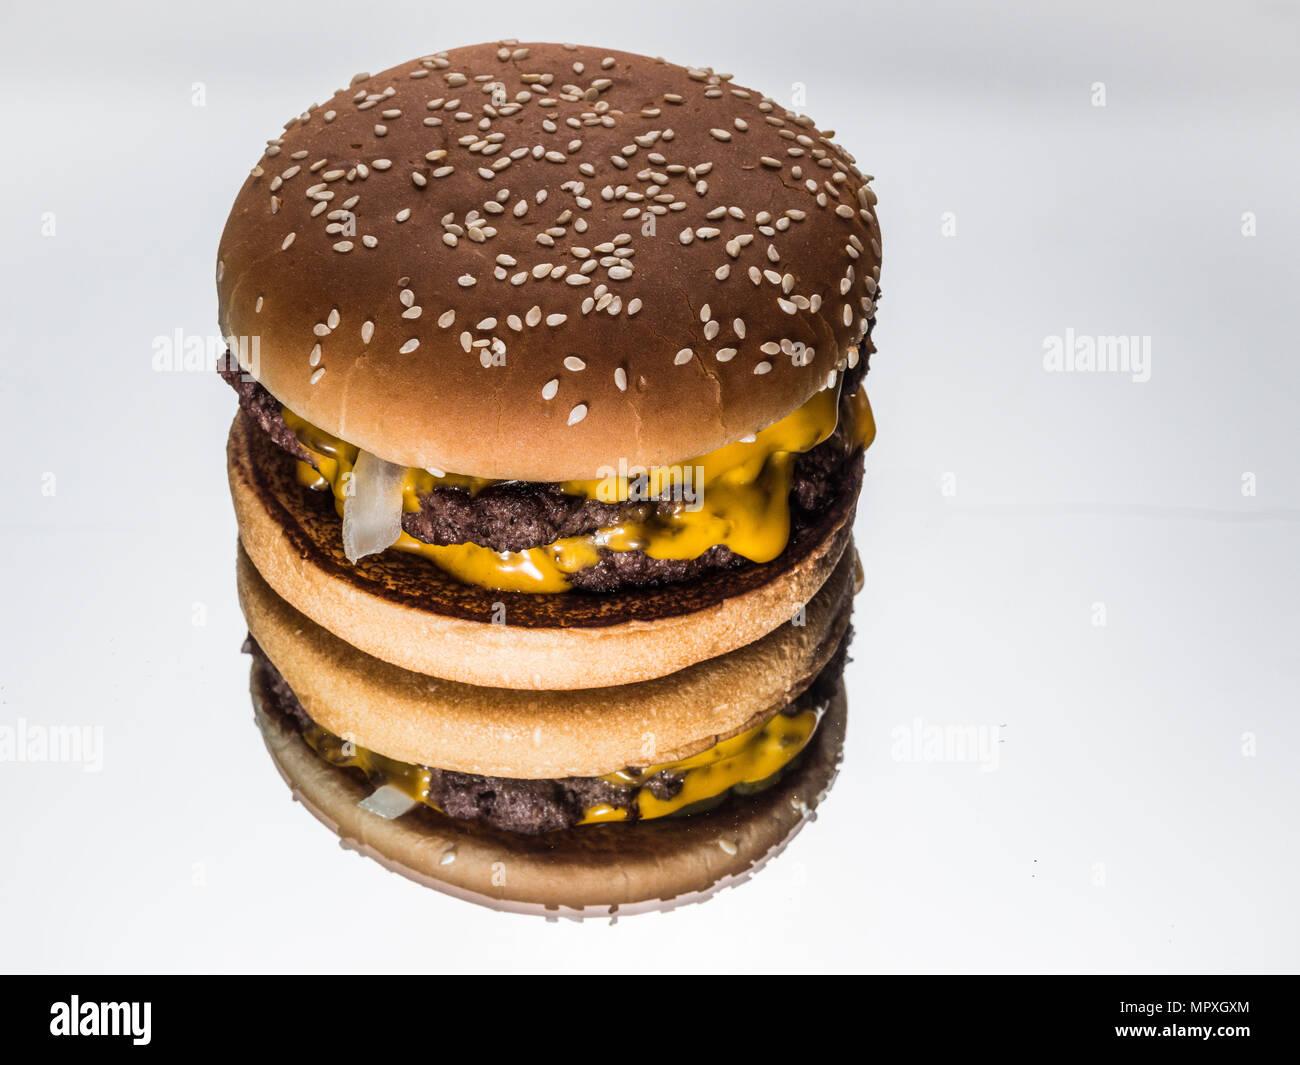 Doppel pattie Hamburger auf Spiegel Stockbild